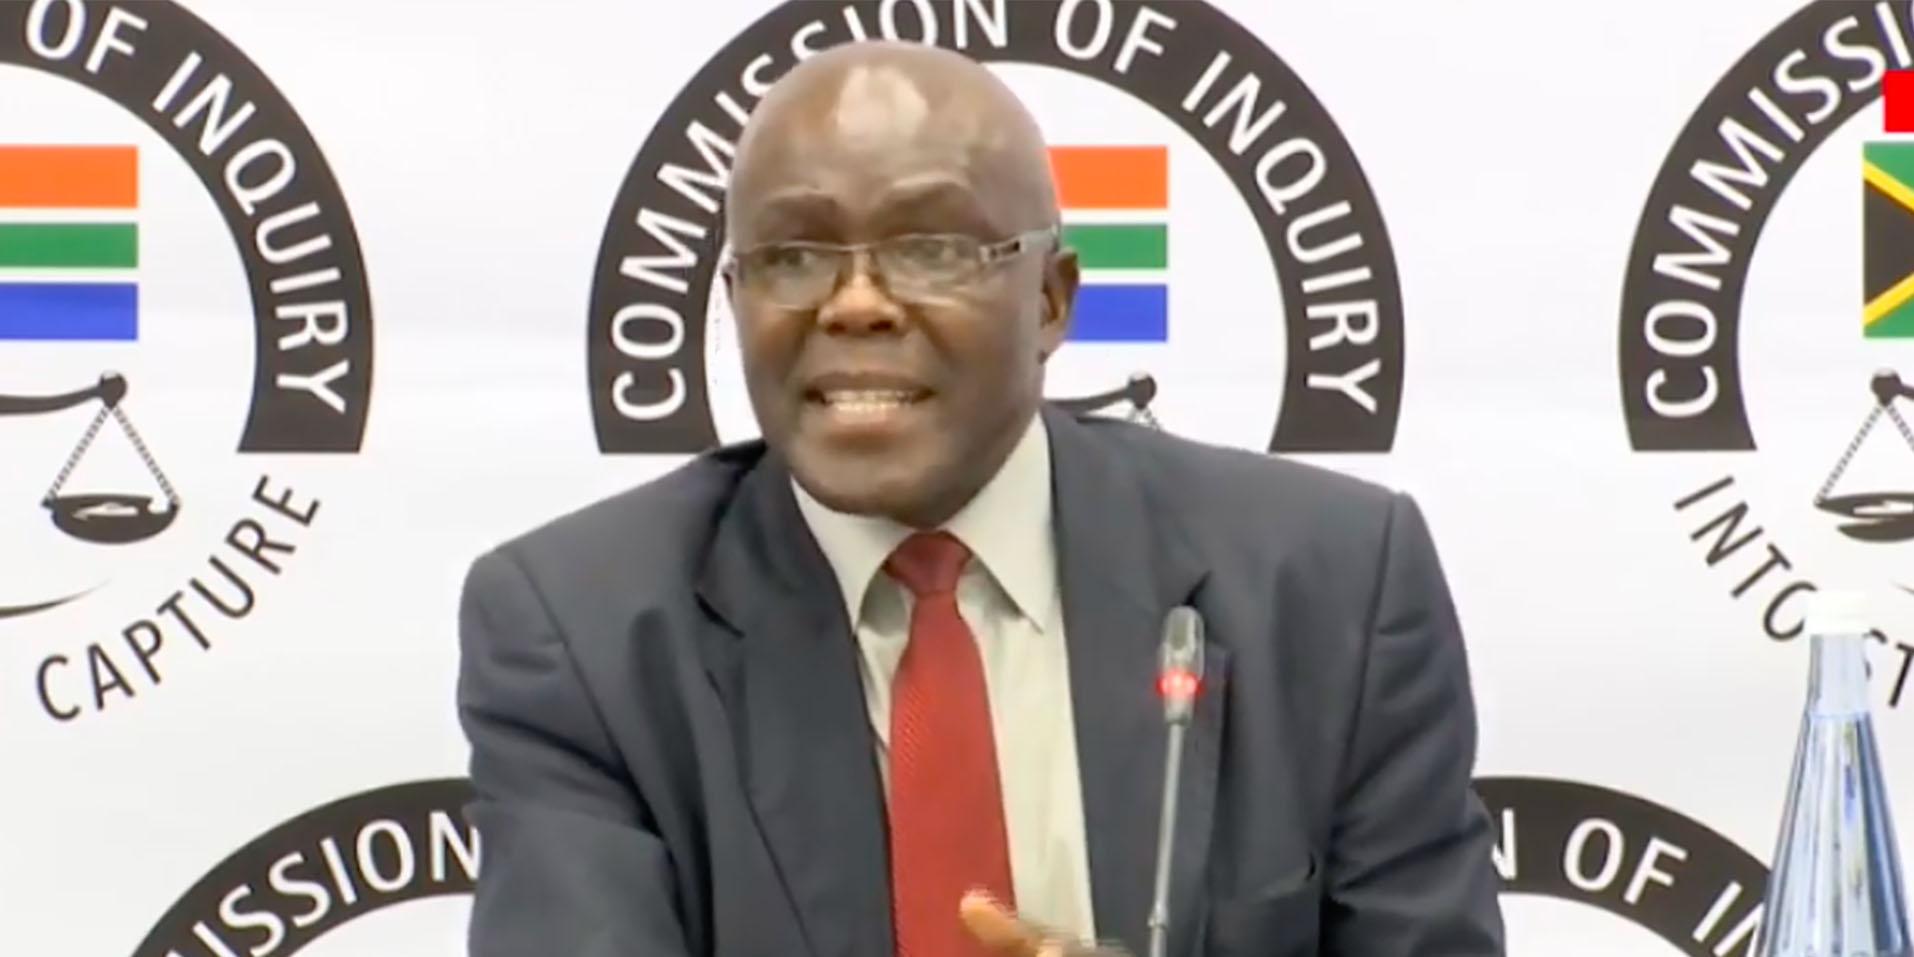 Die melkweg: provinsiale fondse van R17 miljoen is geoormerk om melkerye te beplan - Daily Maverick